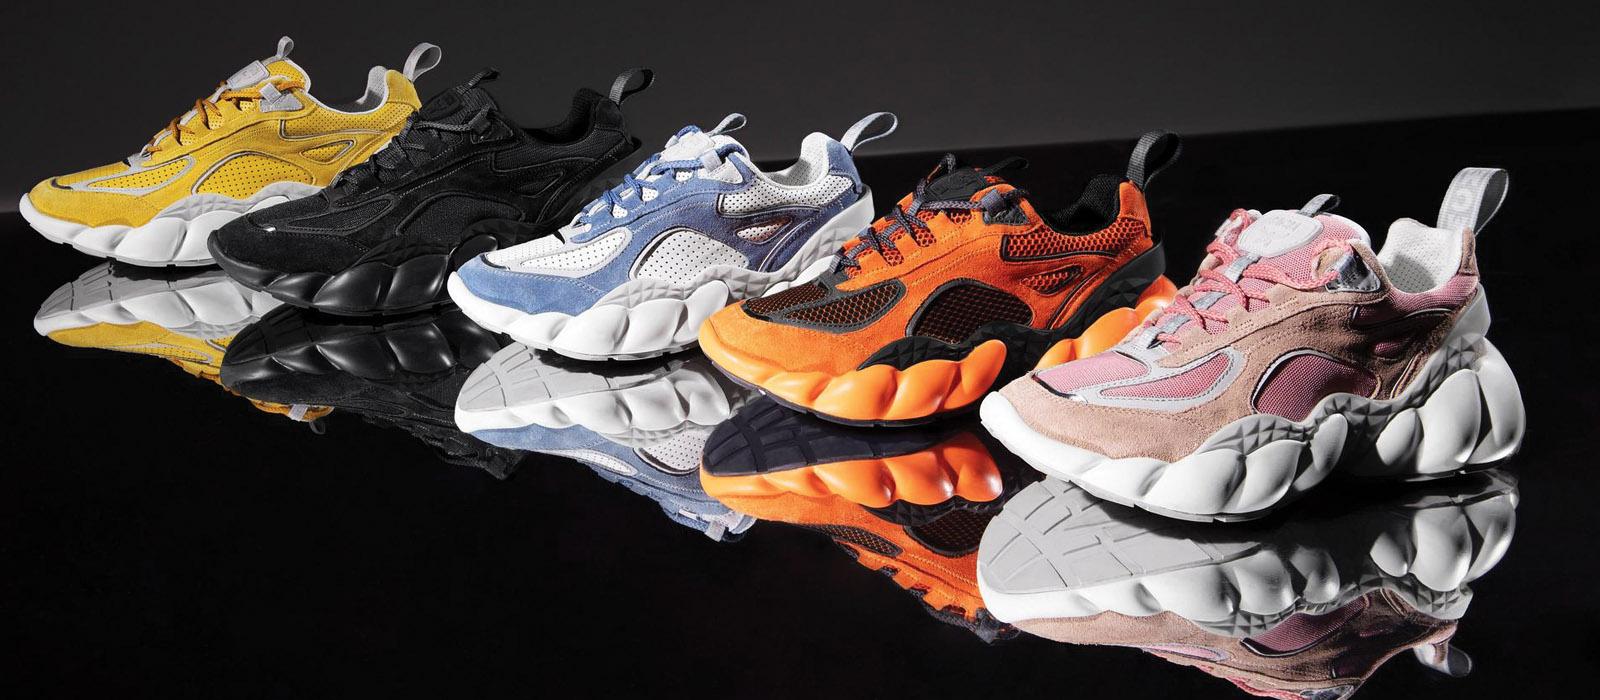 MCM ra mắt bộ sưu tập giày sneakers Himmel 8